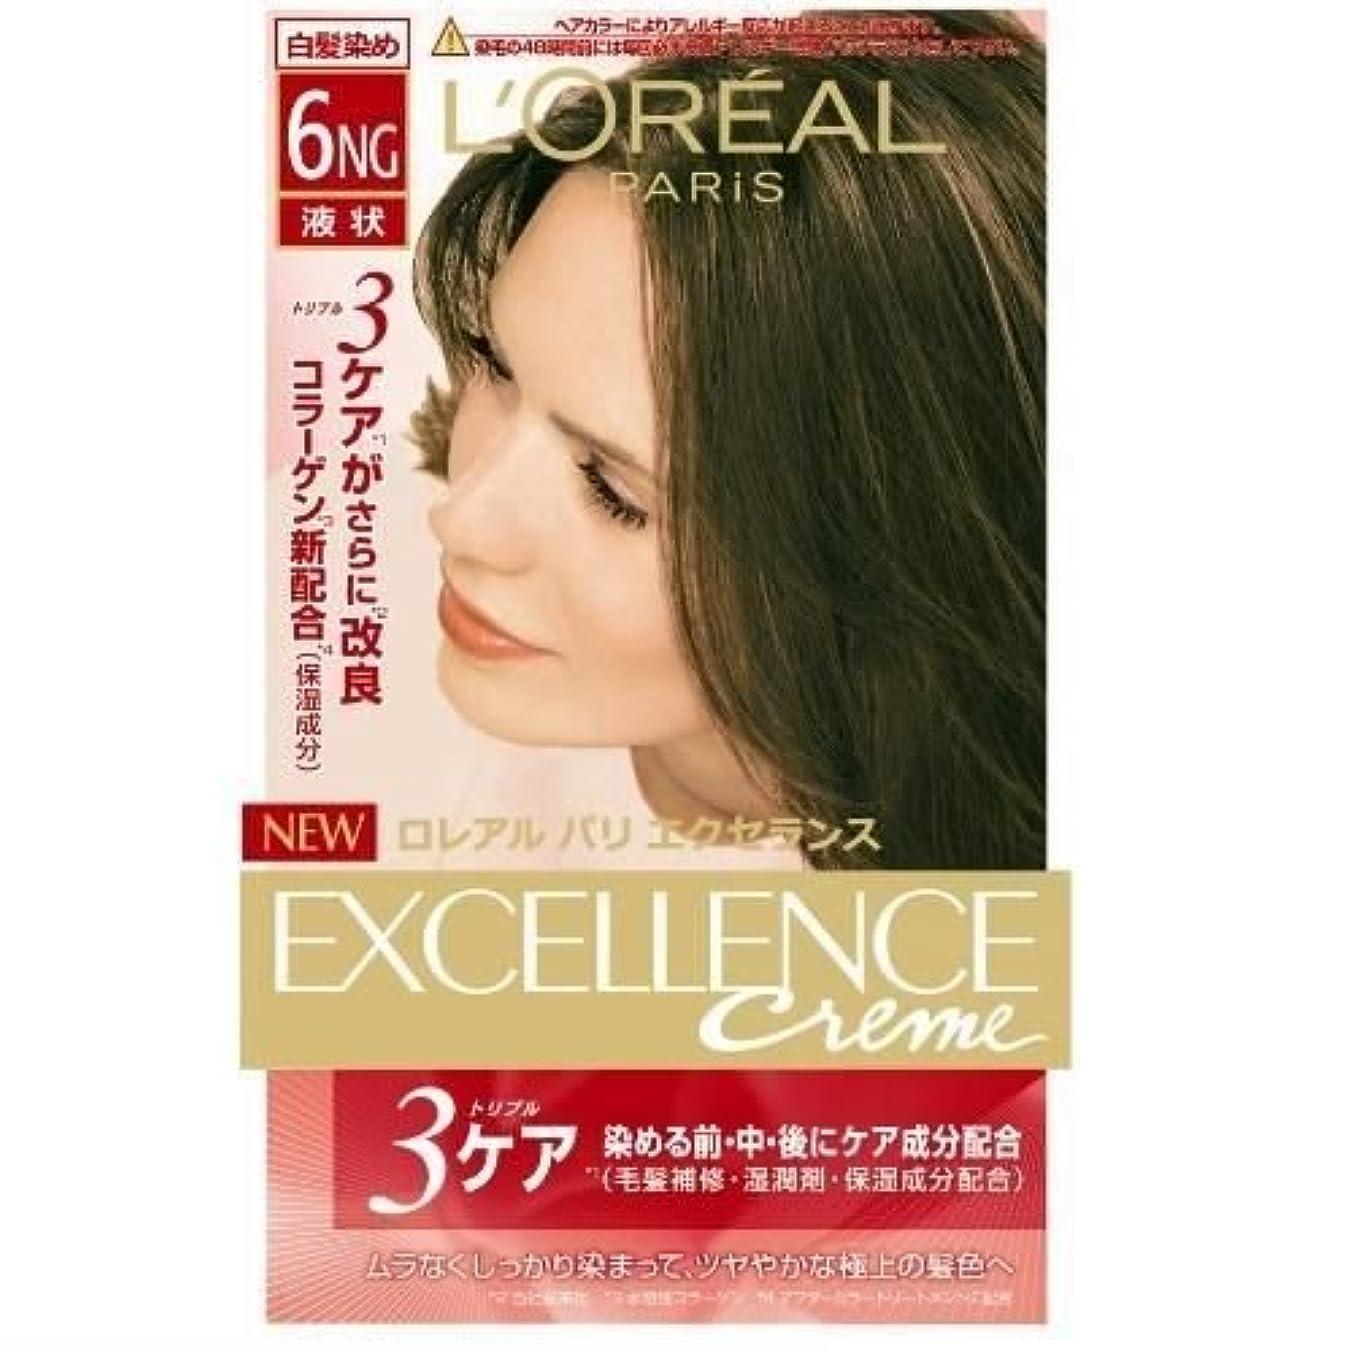 クランシー純正味ロレアル パリ ヘアカラー 白髪染め エクセランスカラーL 6NG